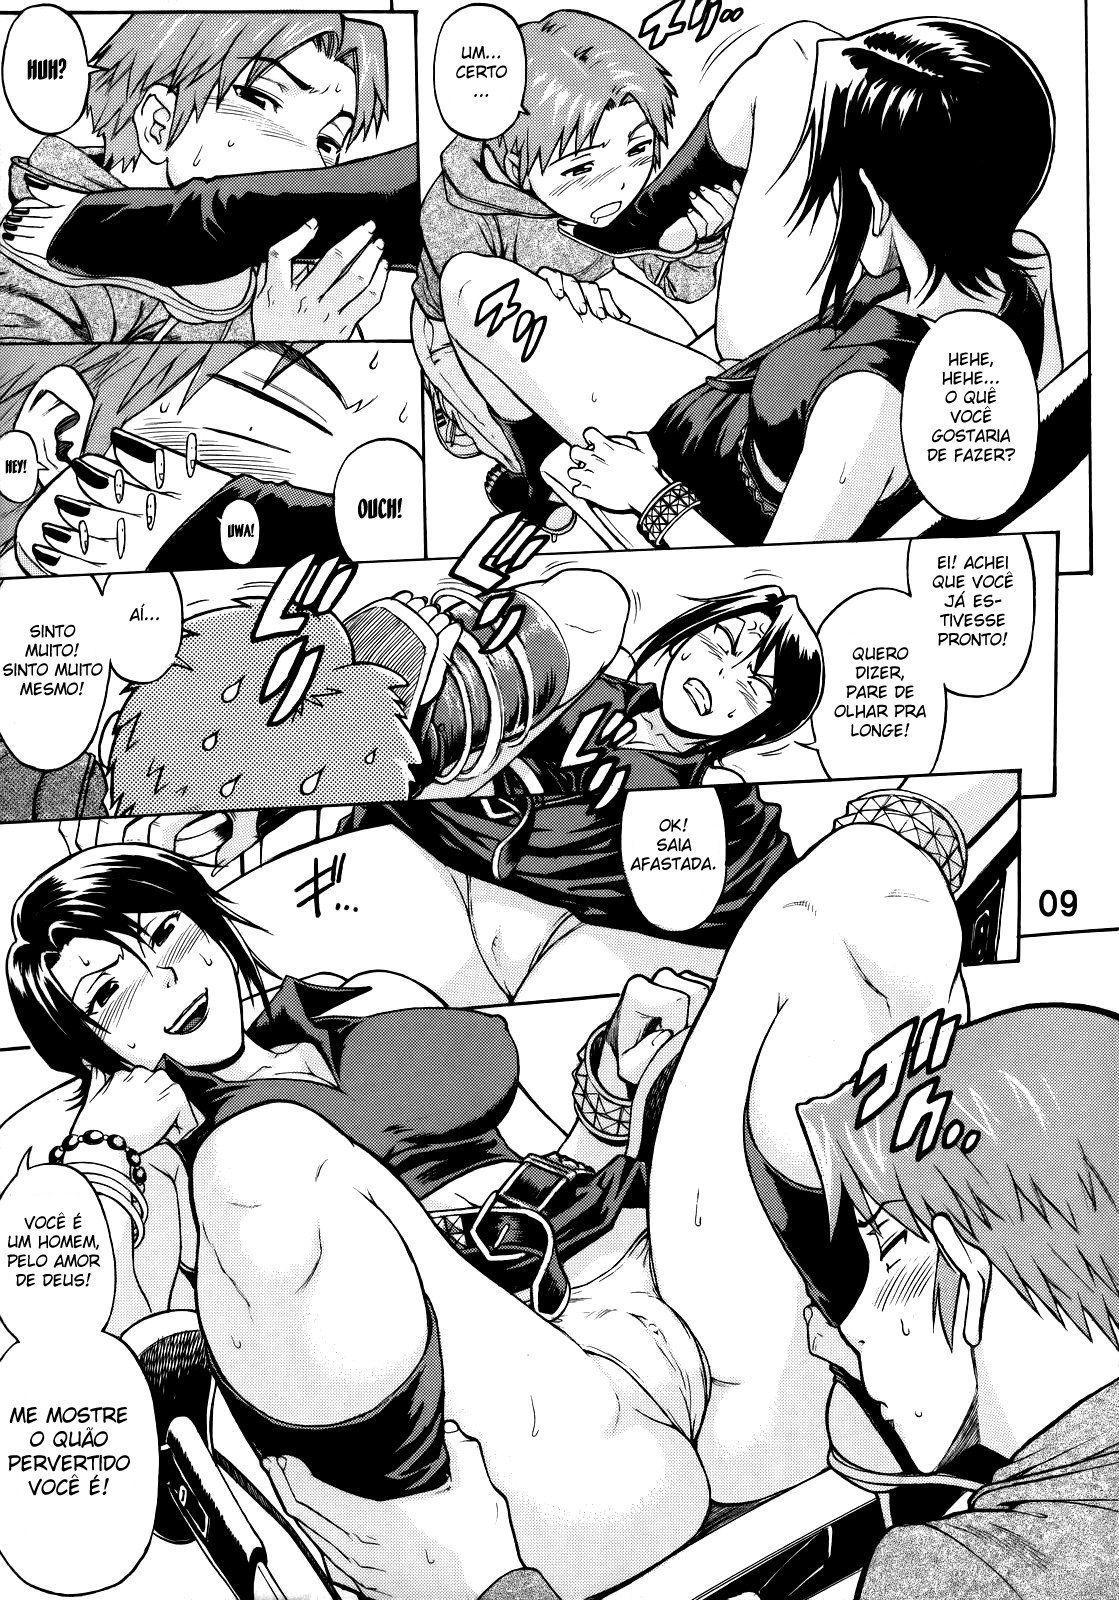 HentaiHome-Estreando-o-virgem-pervertido-8